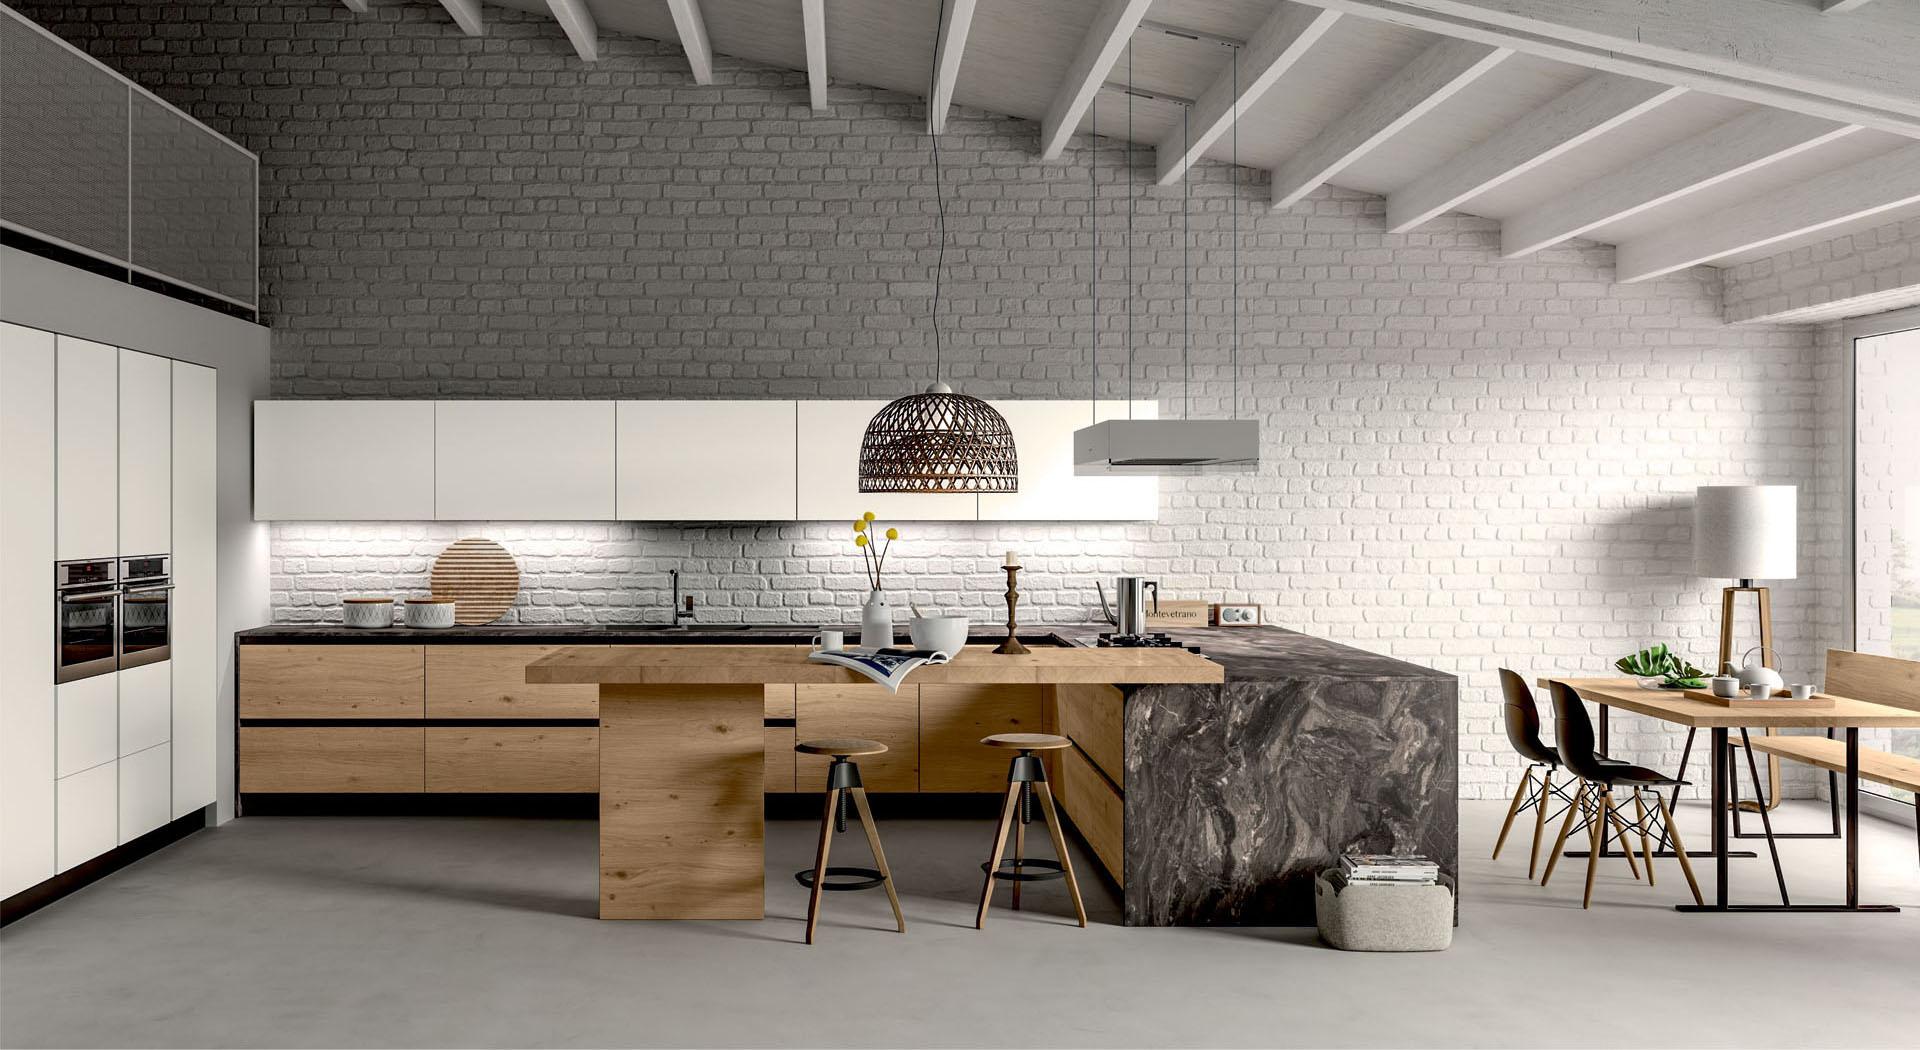 Collezione moderna u atra cucine